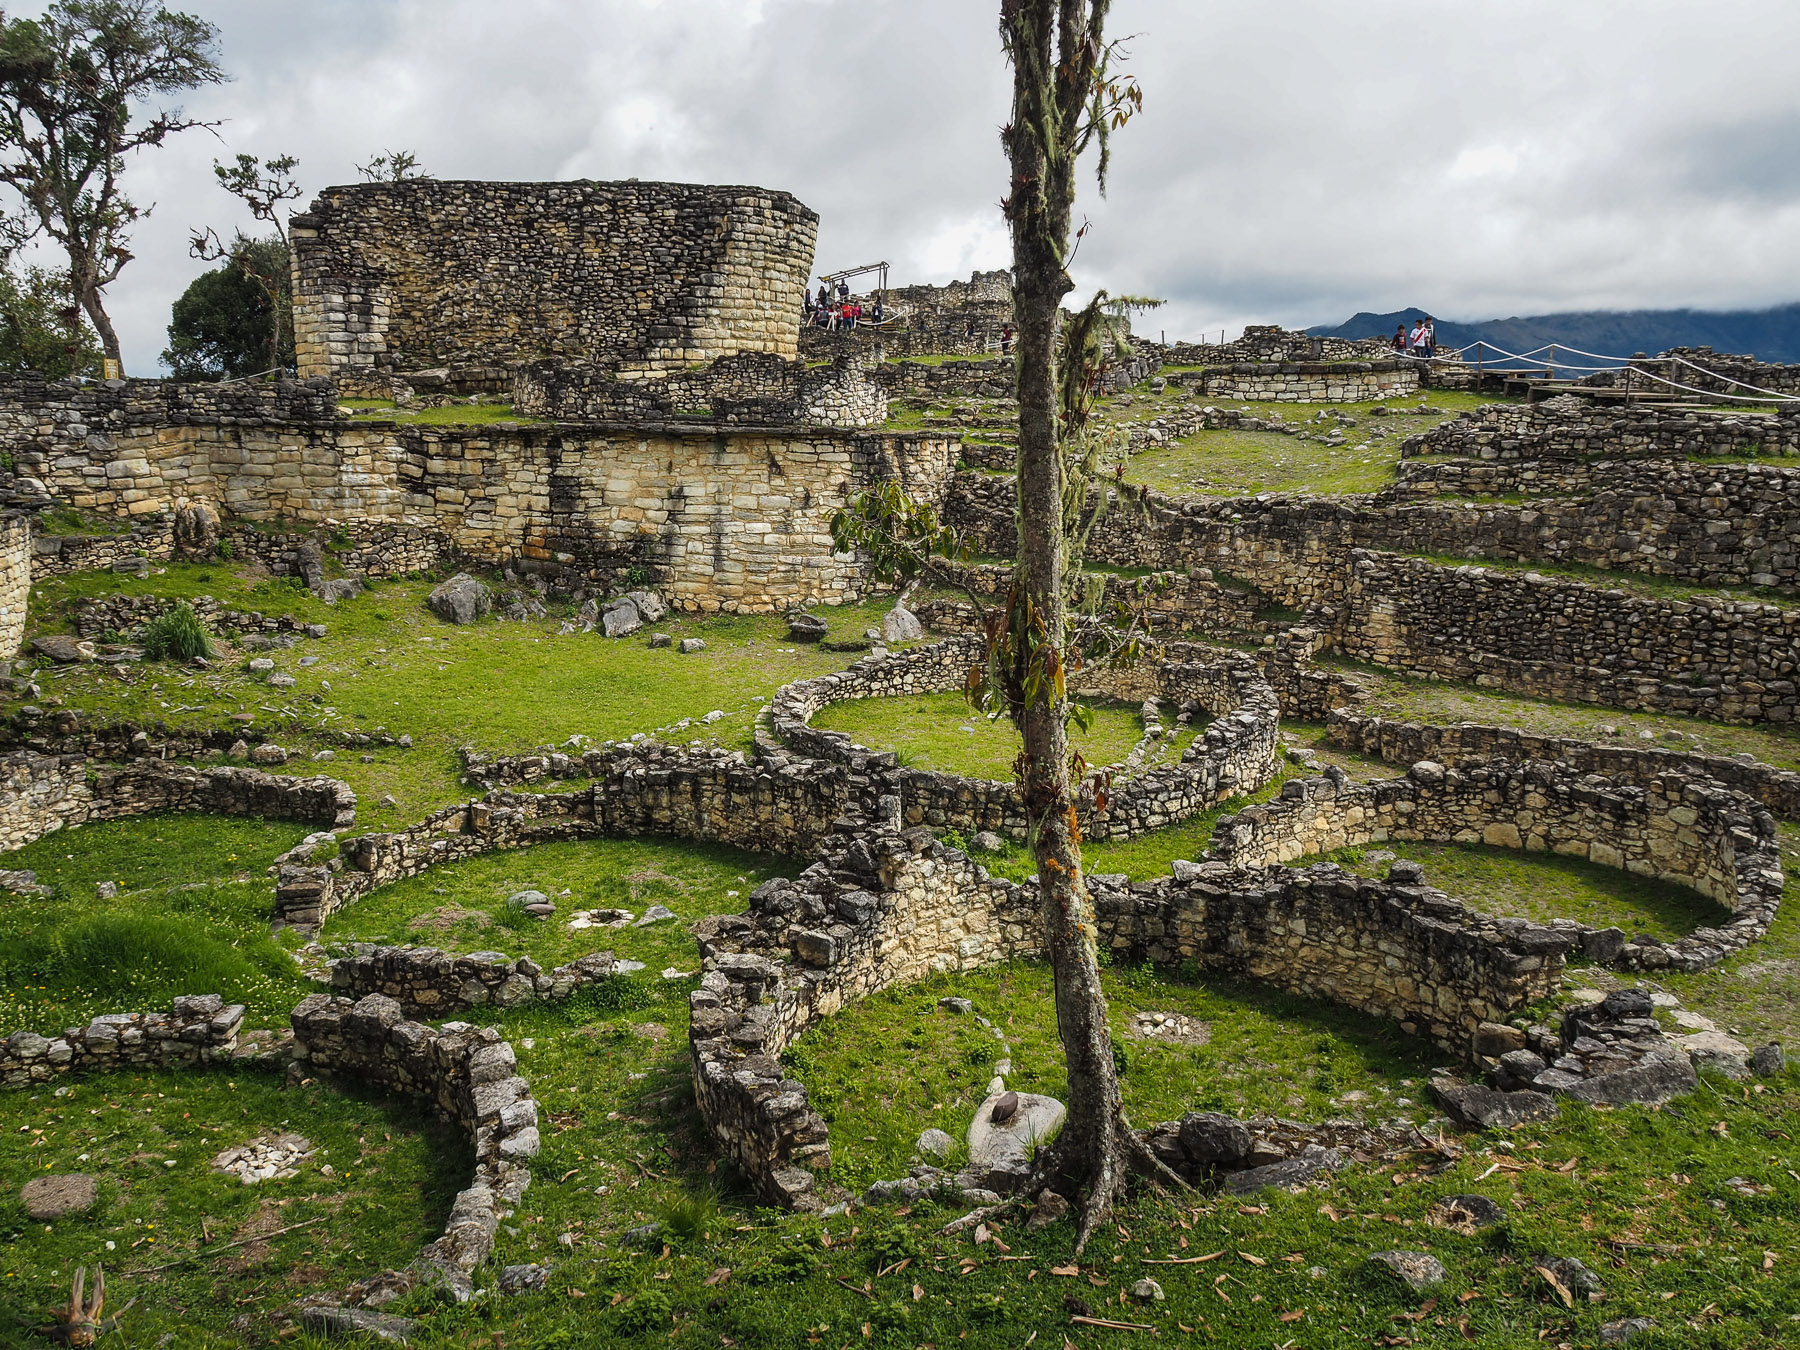 Die Plattform war bedeckt mit ca.300 runden Häusern  - ein richtiges Asterix Dorf